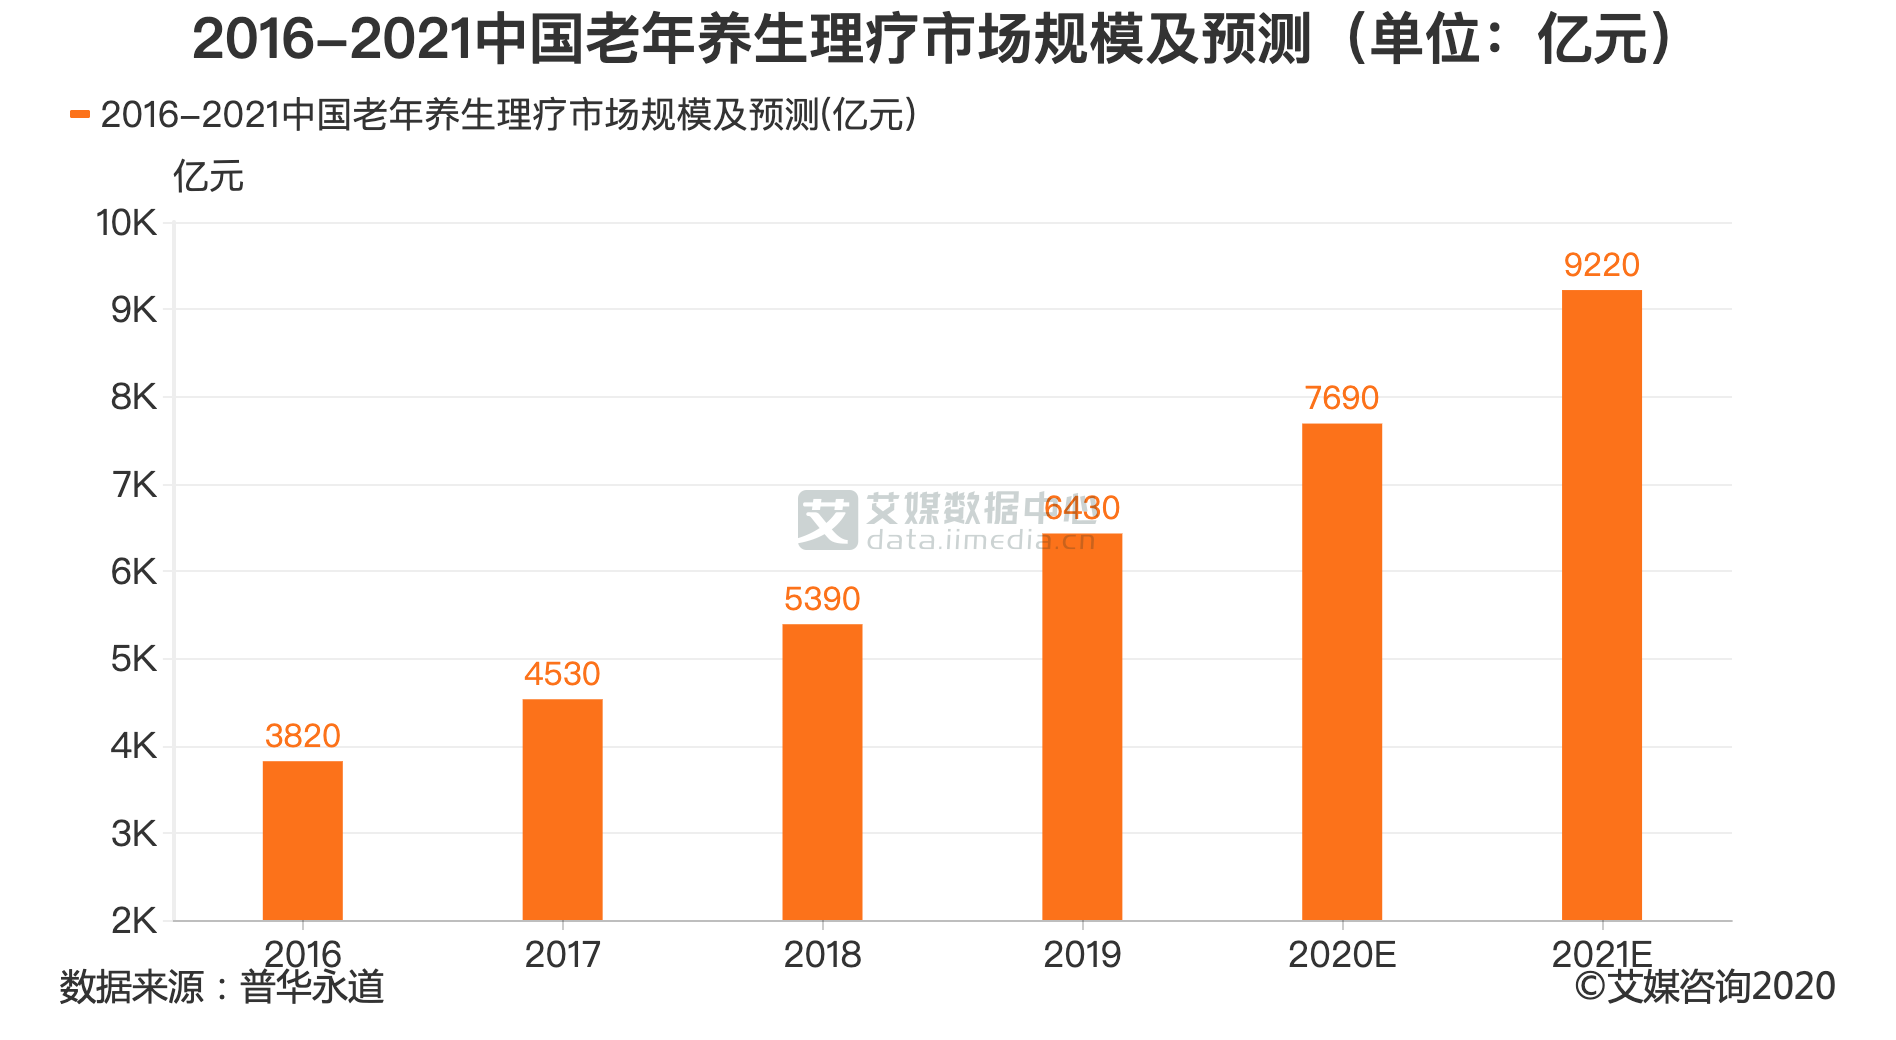 2016-2021中国老年养生理疗市场规模及预测(单位:亿元)